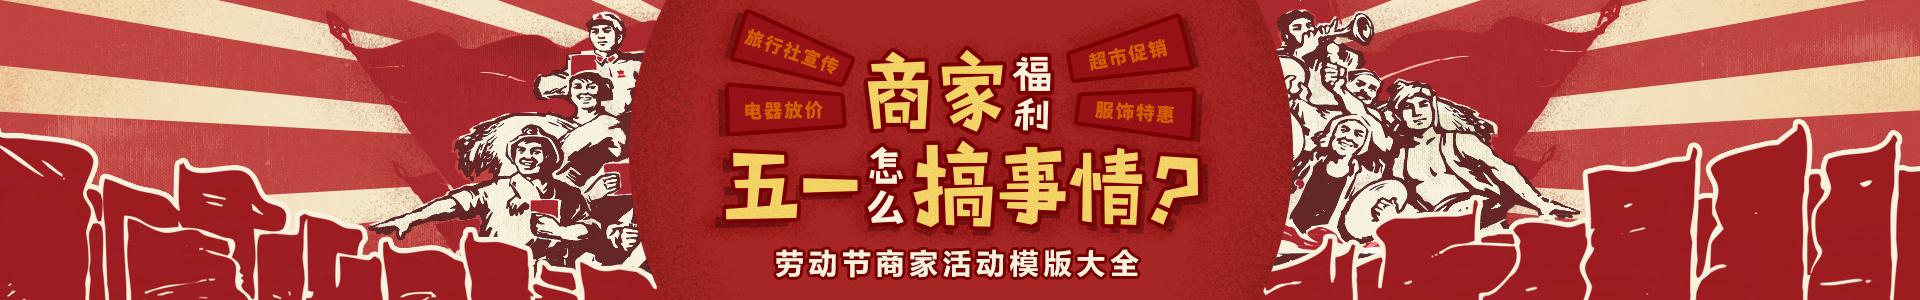 51劳动节_五一出游相册_旅行社宣传商家促销